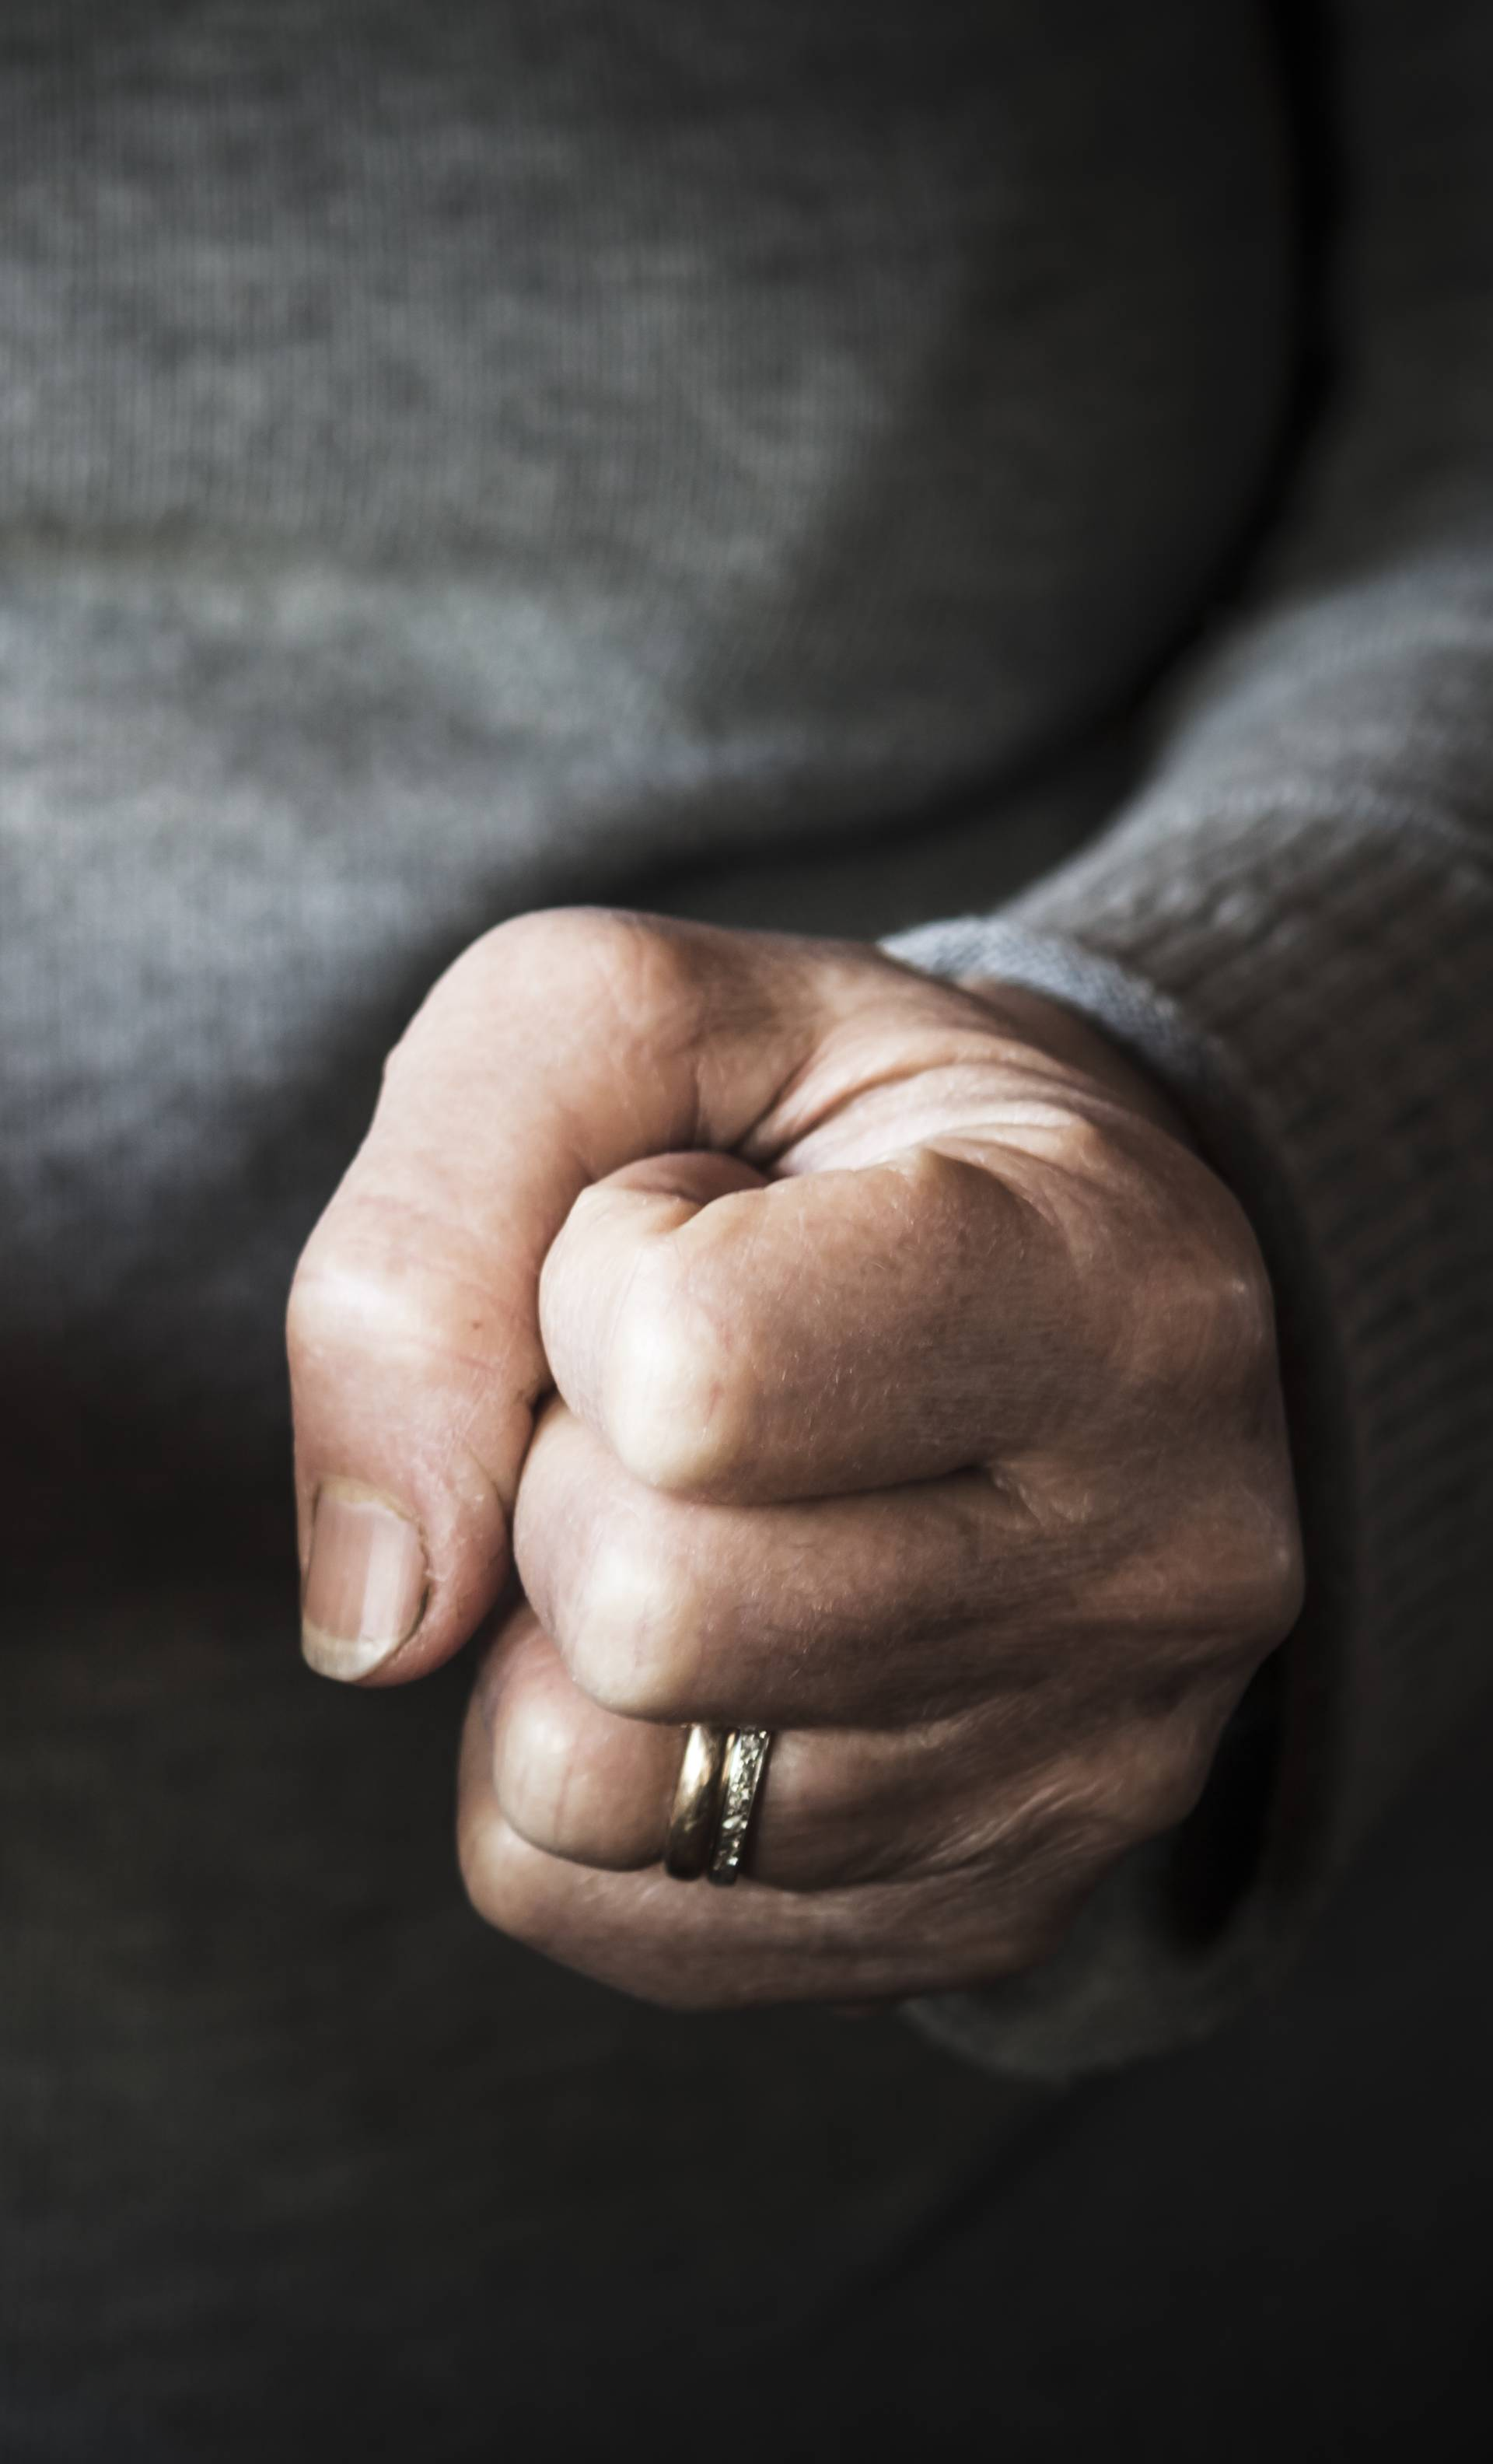 Imate 'kratak fitilj'? 24 savjeta uz koja ćete se uspjeti smiriti